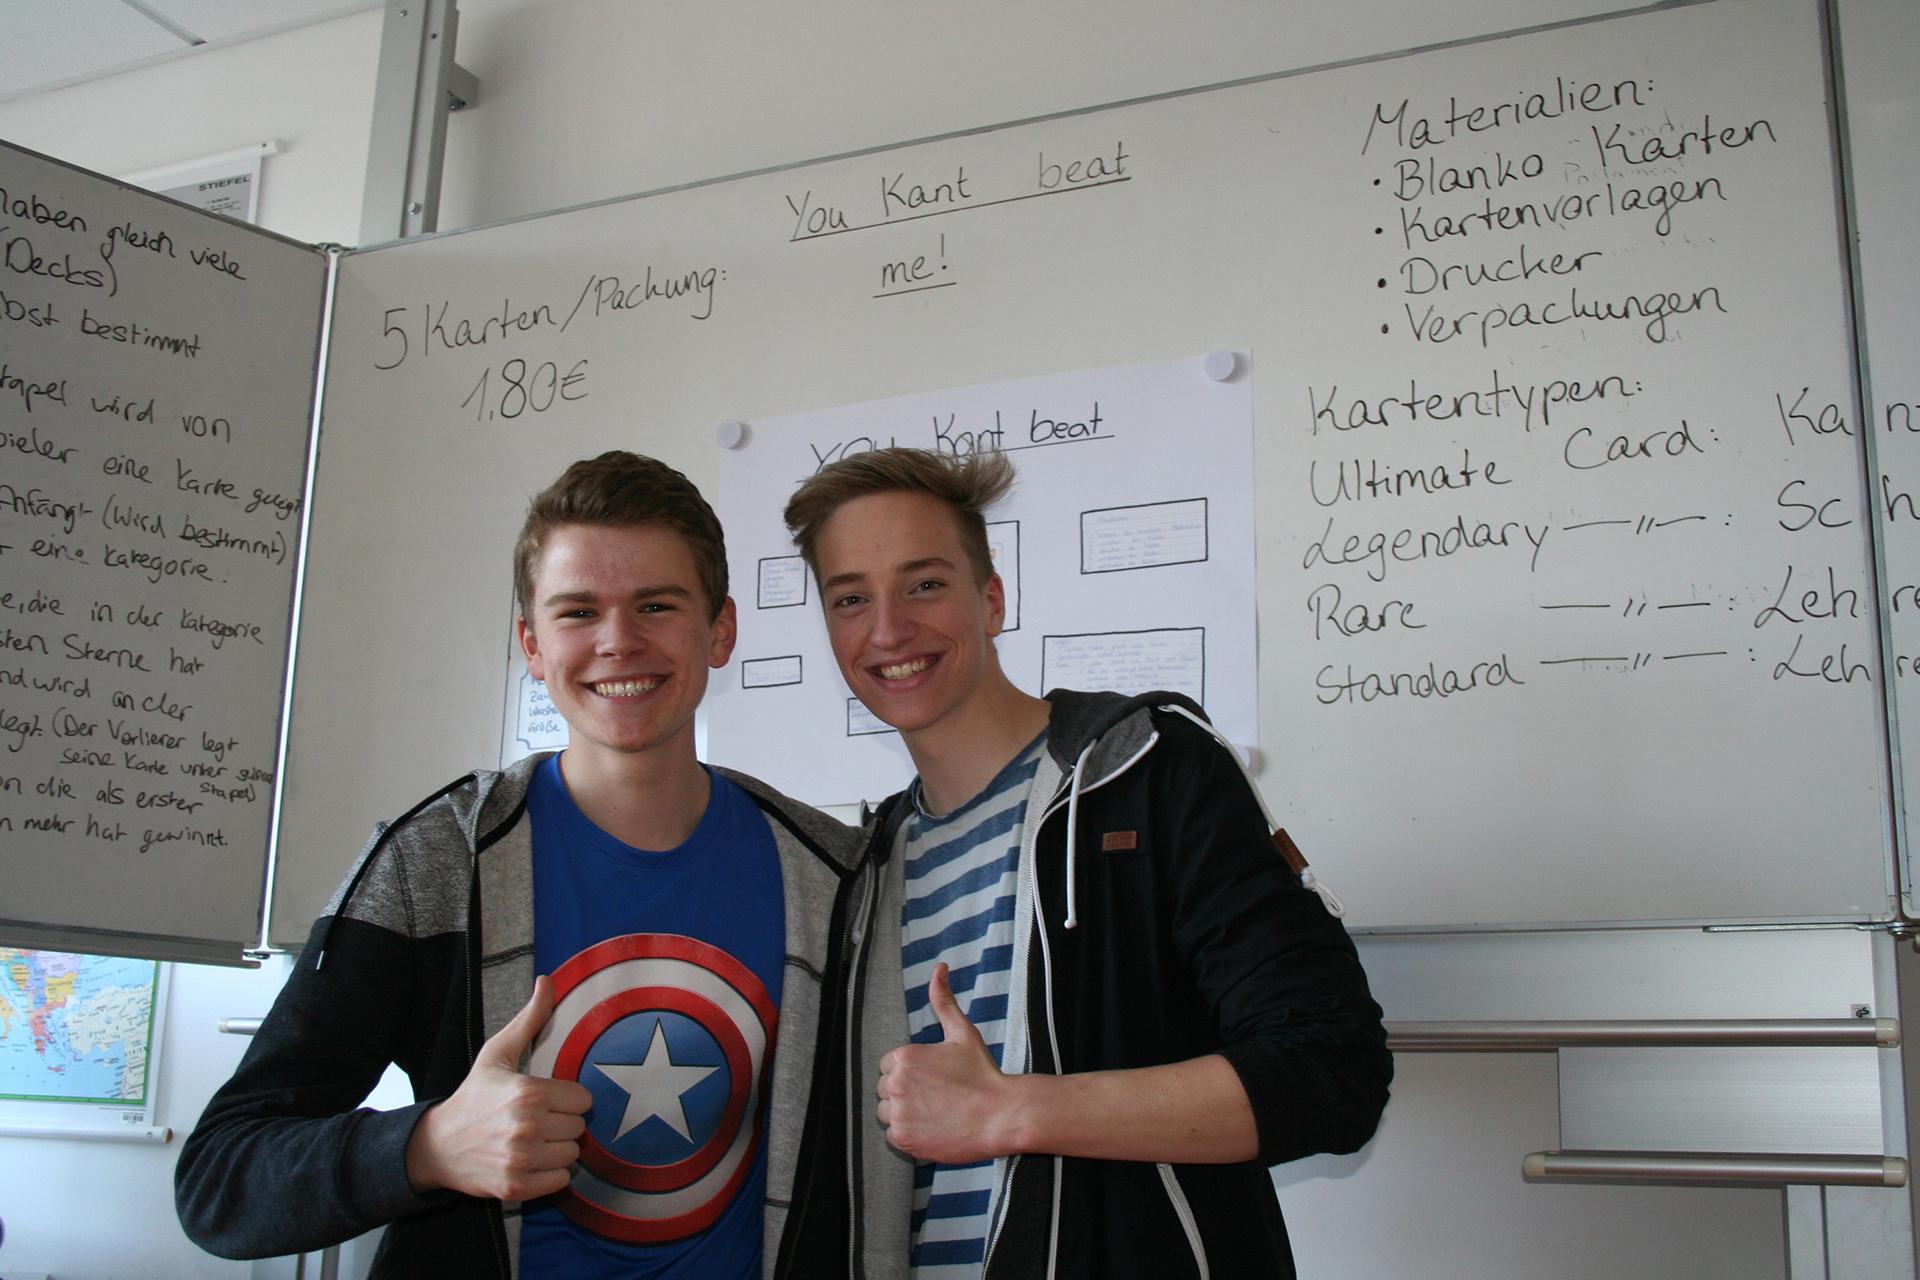 16-05-1896-Matthias_und_Nils_entwickeln_kantische_Ideen_für_eine_Schülerfirma